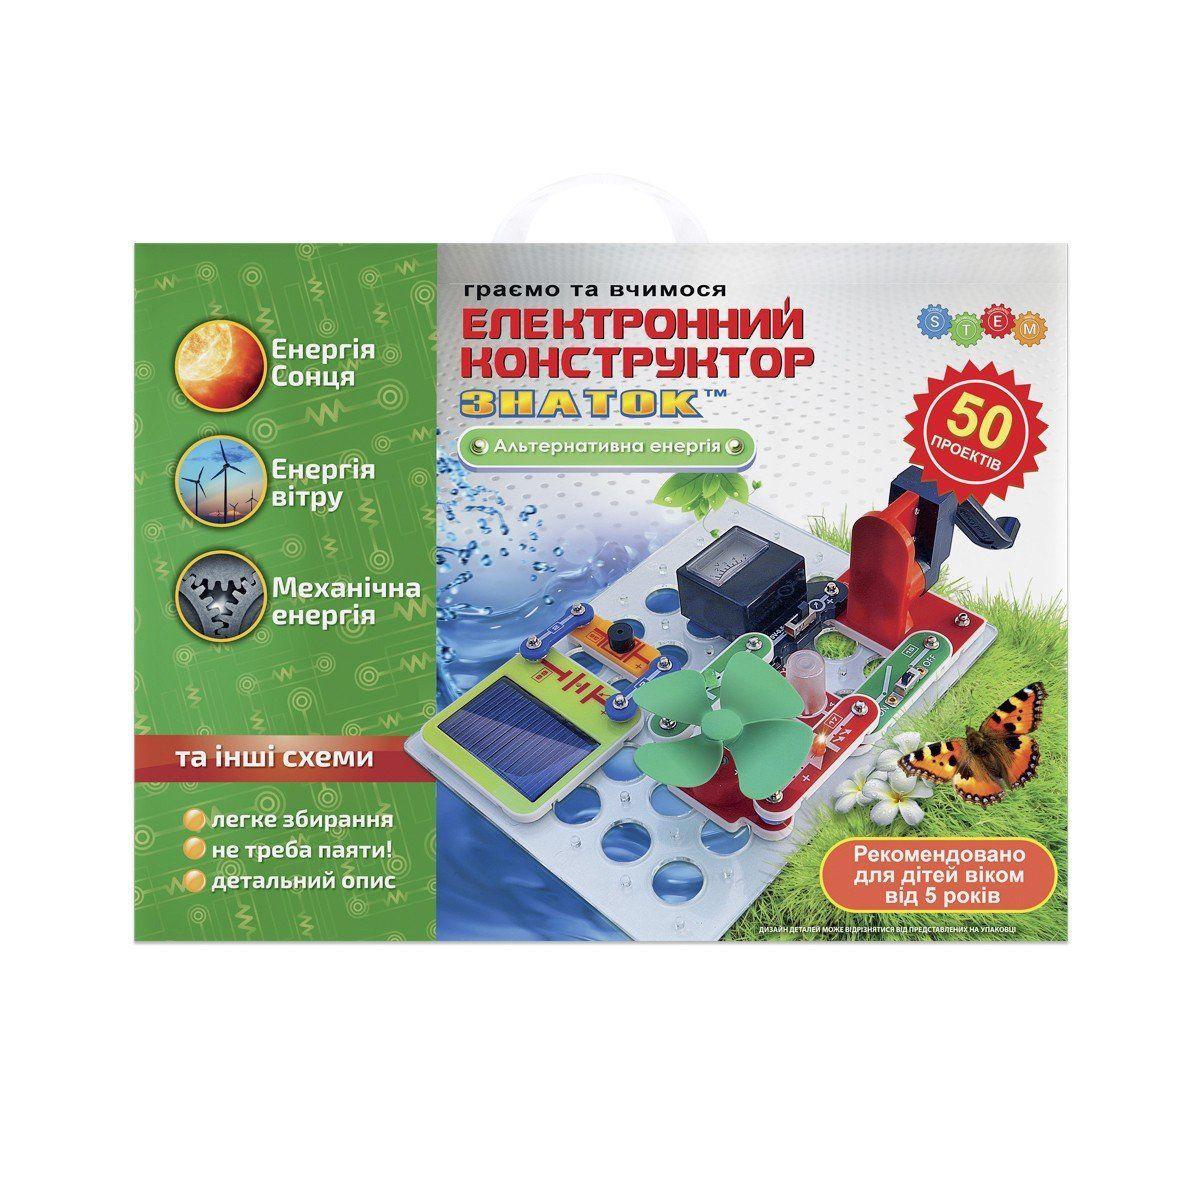 Конструктор - ЗНАТОК «Альтернативна енергія»  Znatok REW-K70690